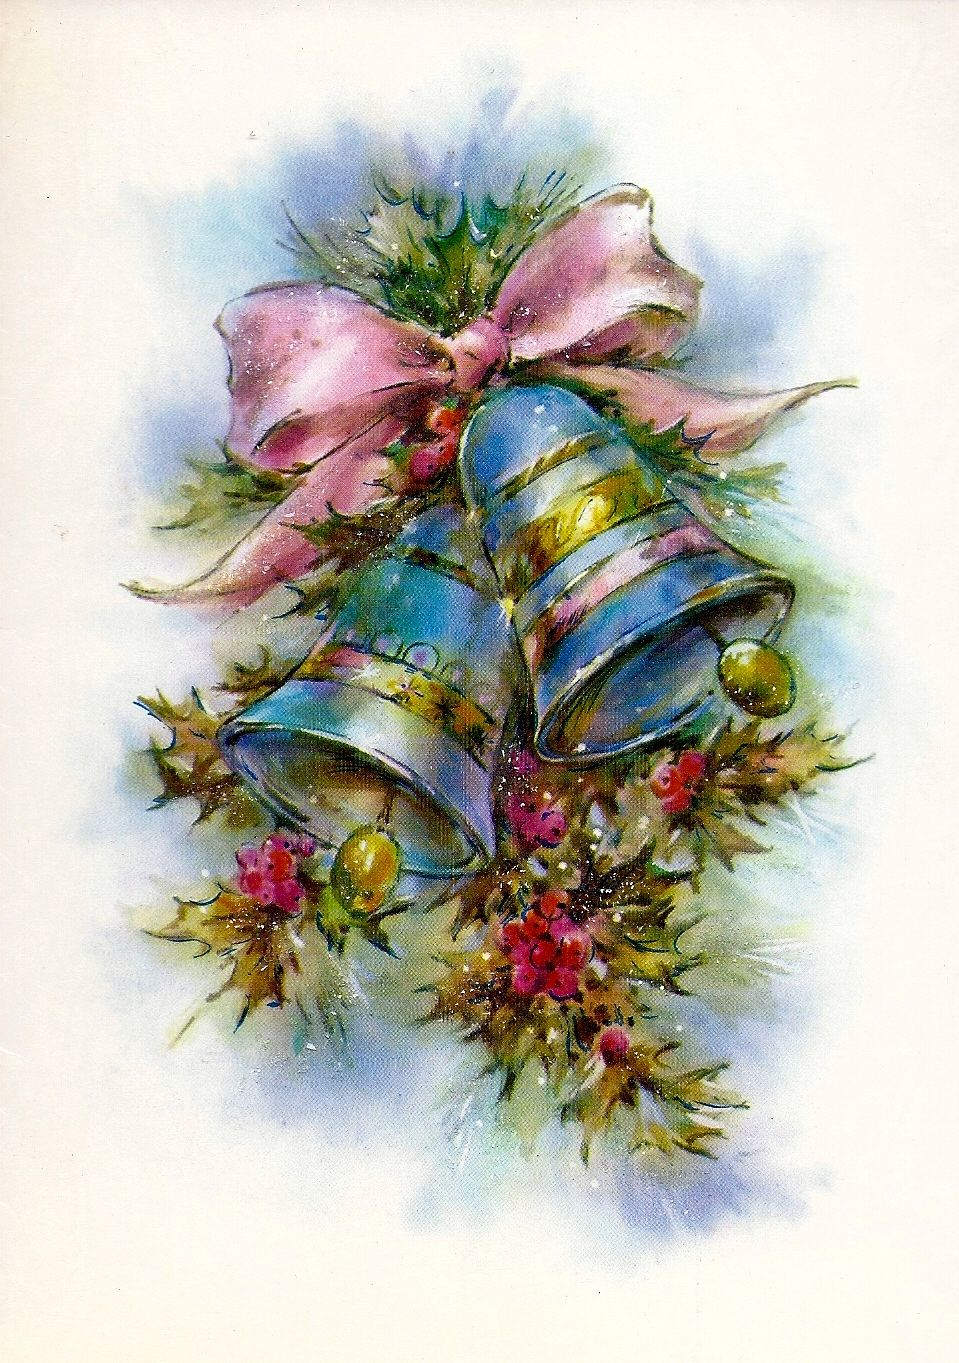 Фразы картинки, открытки с колокольчиками рождественскими